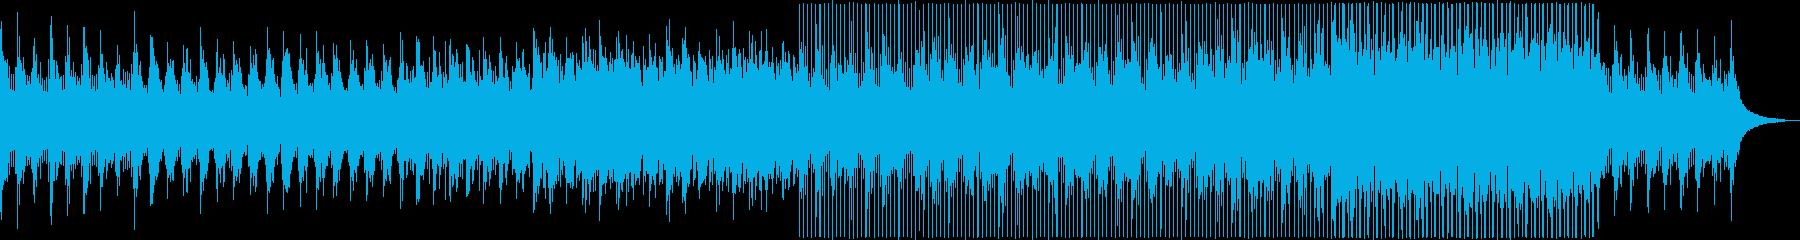 美しい綺麗ポップ (inst)の再生済みの波形